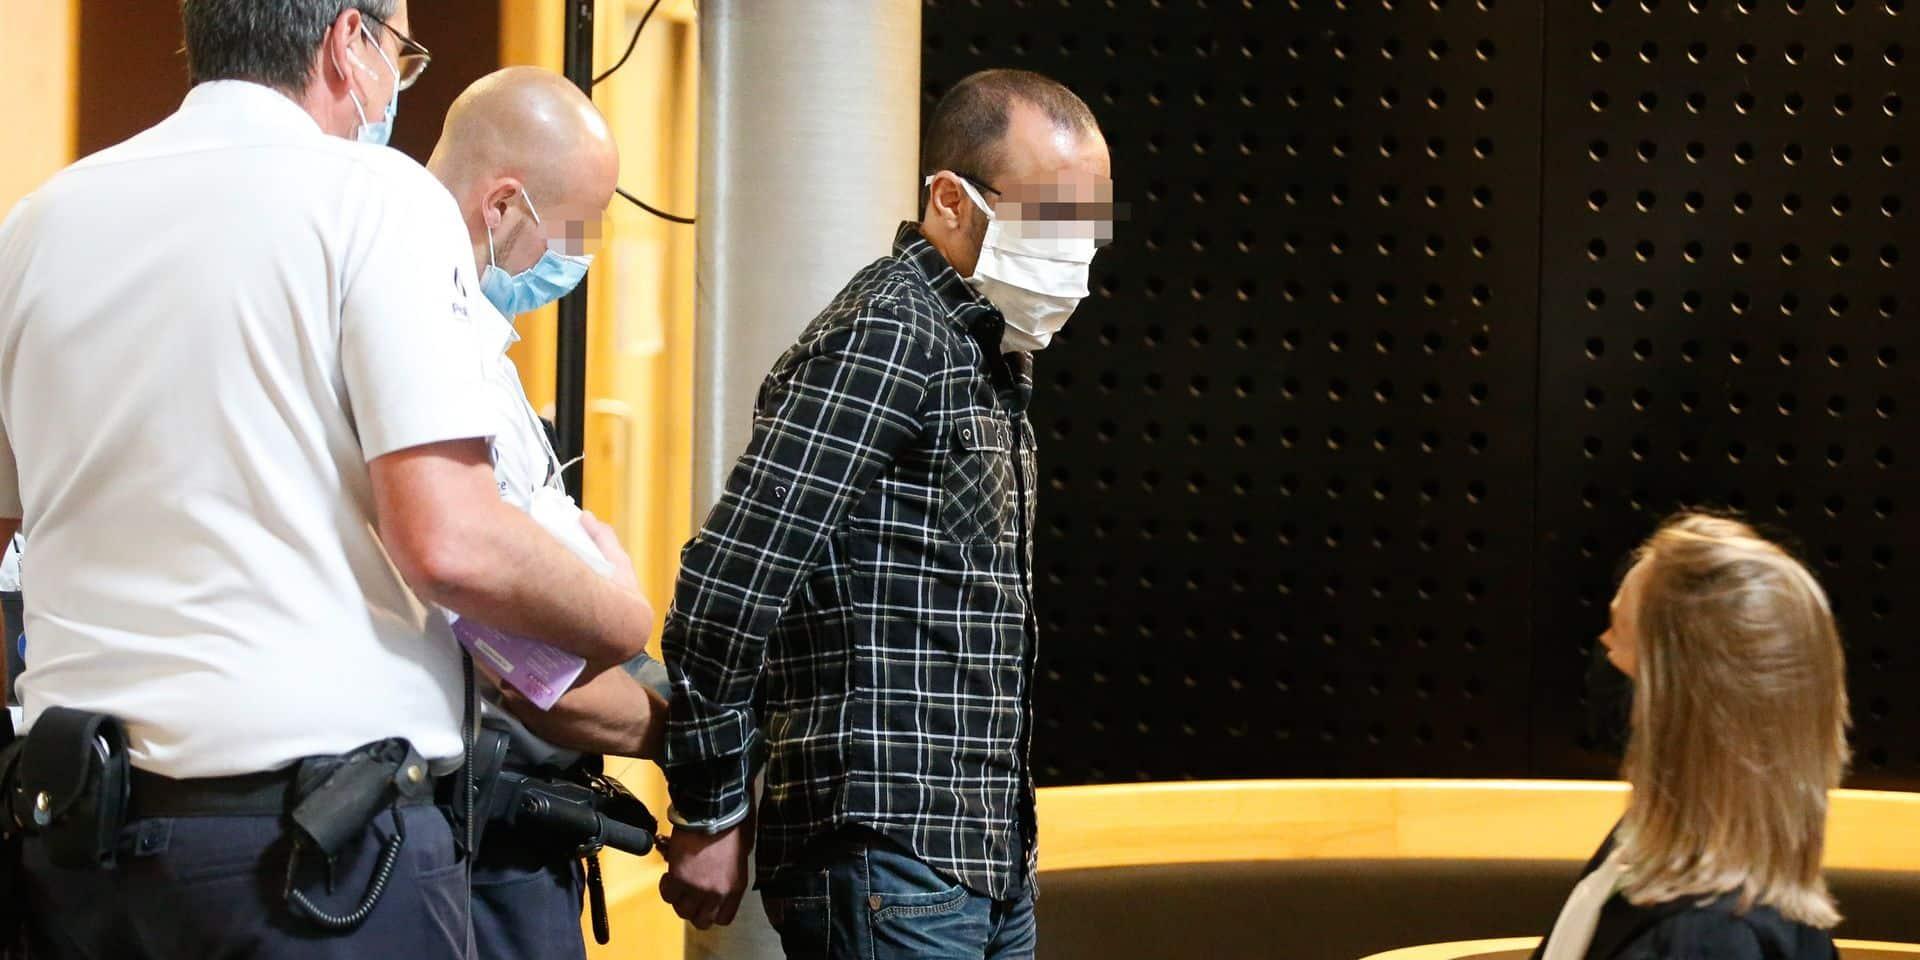 Meurtre de Jean-François Willems : Ahmed Smaili jure qu'il n'a pas voulu le tuer